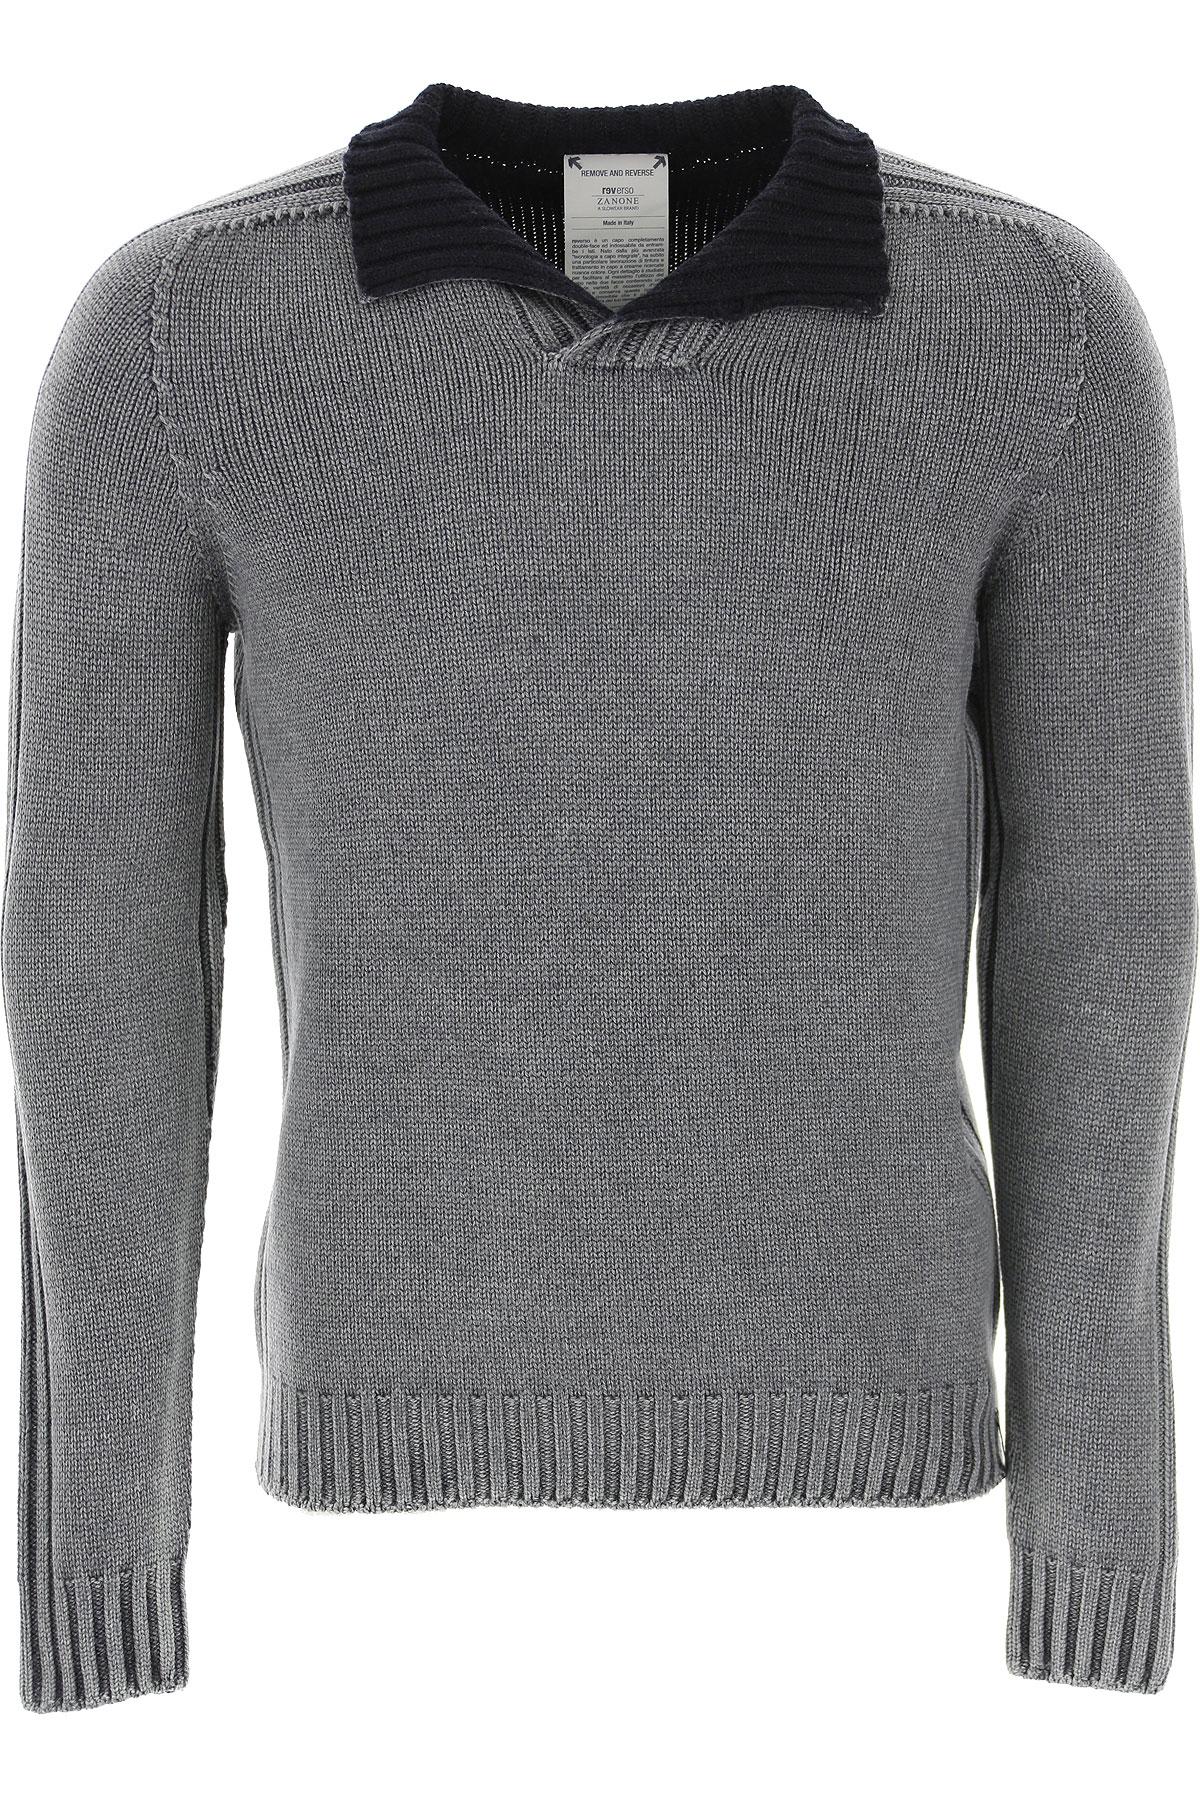 Zanone Sweater for Men Jumper On Sale, Grey, Virgin wool, 2019, L M S